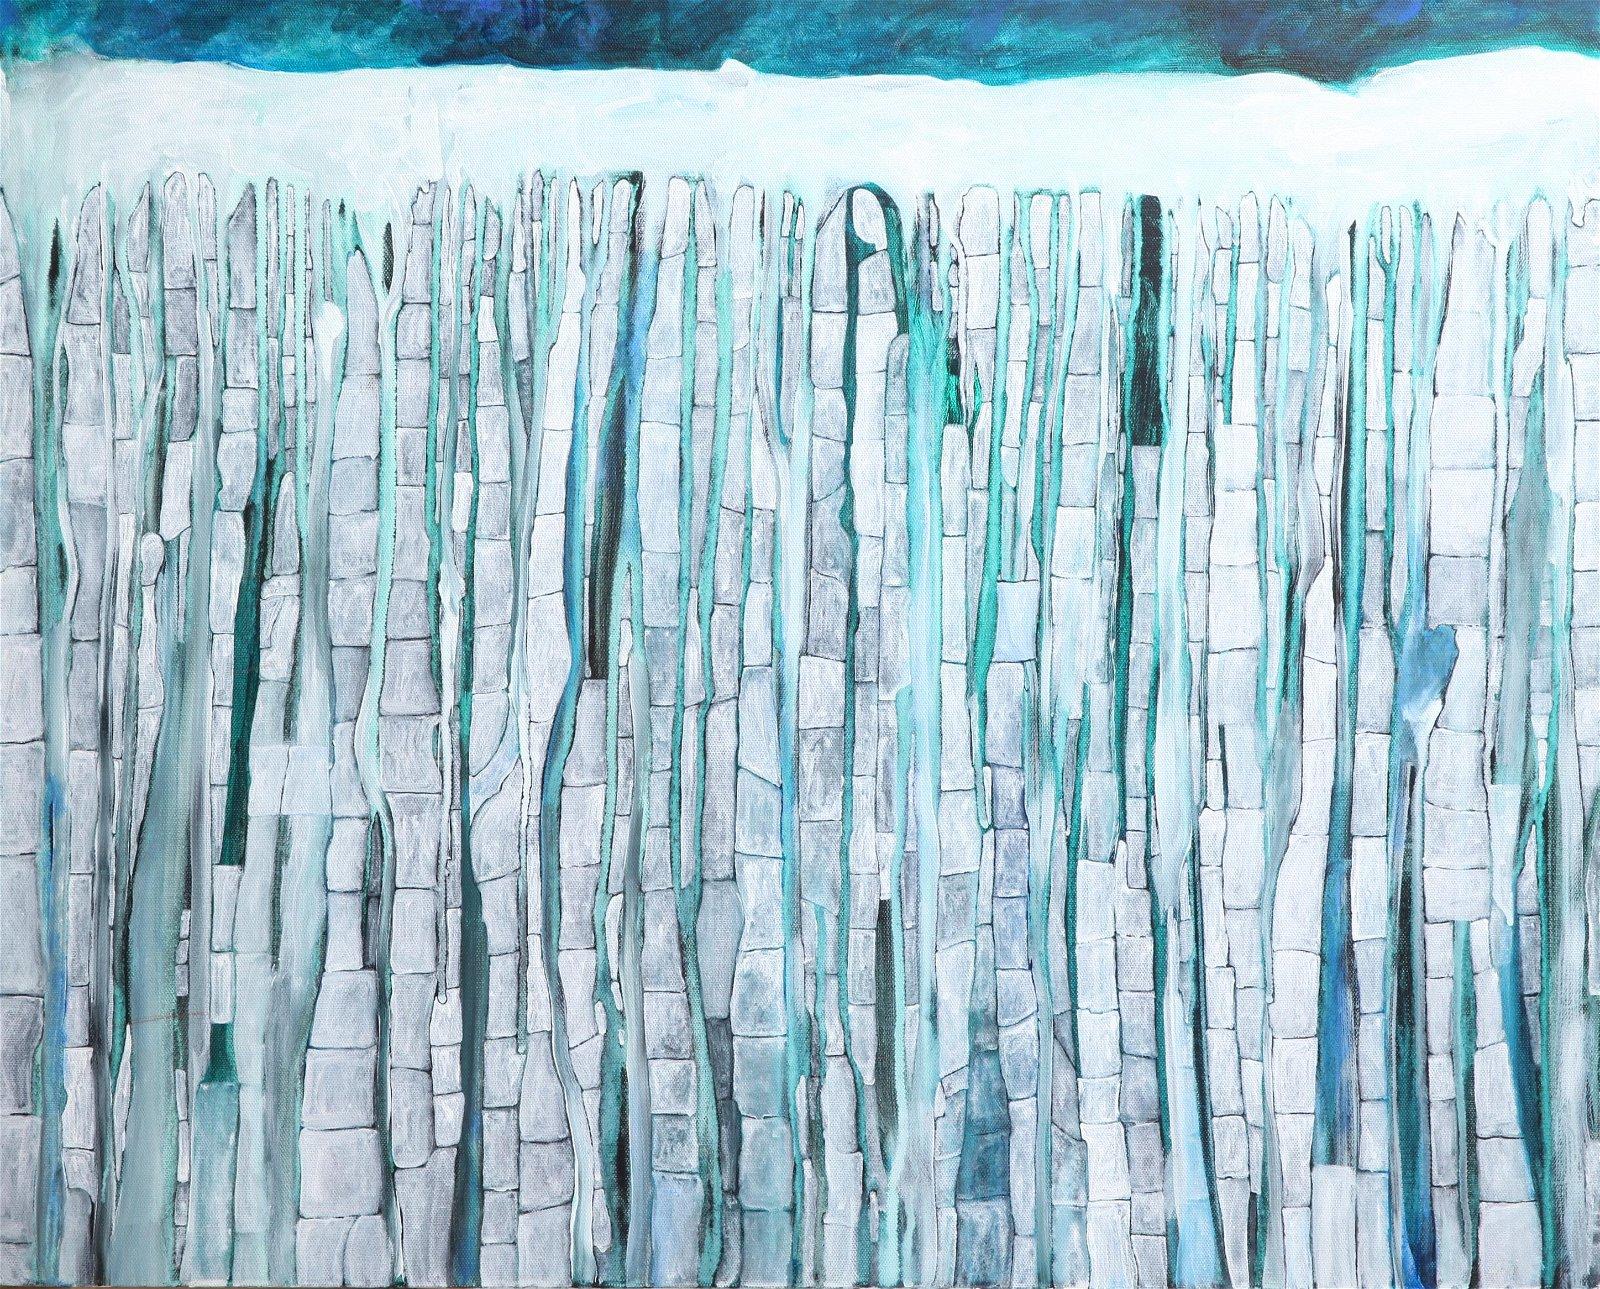 Marilyn Curtain Abstract Oil on Canvas